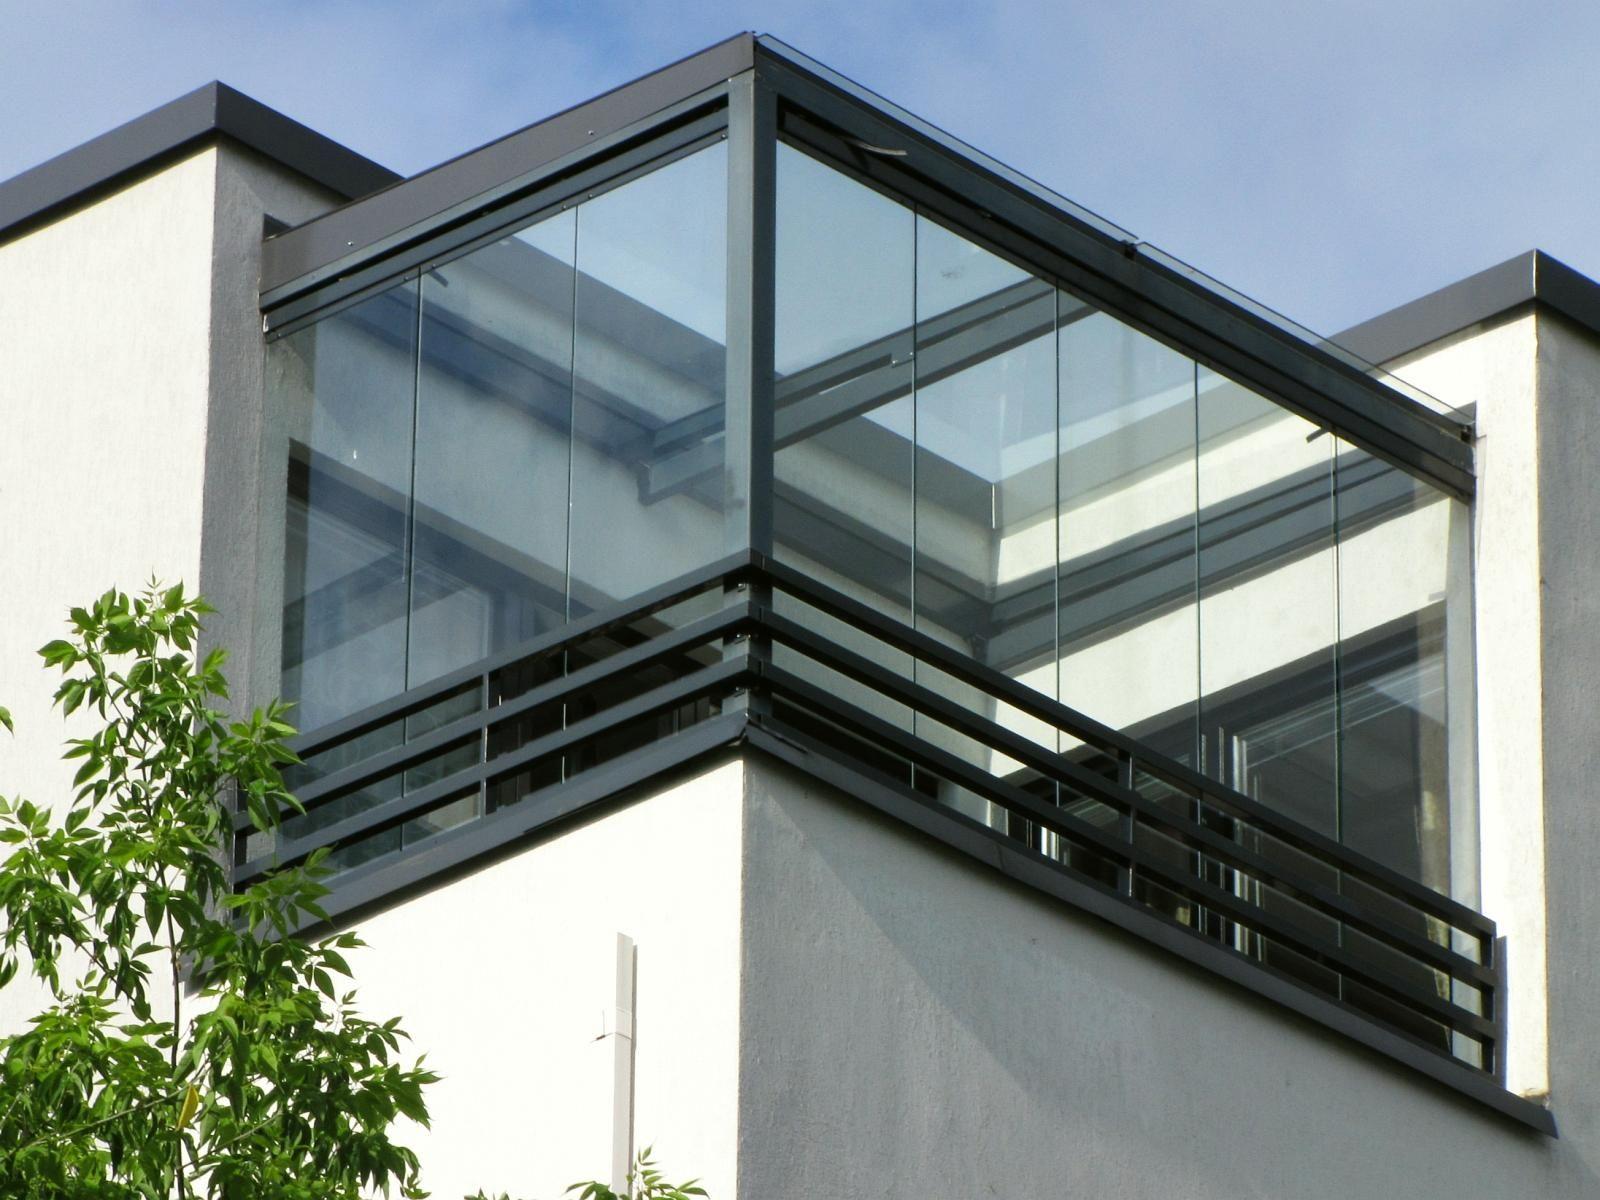 Типы остекления балконов. Плюсы и минусы каждого типа